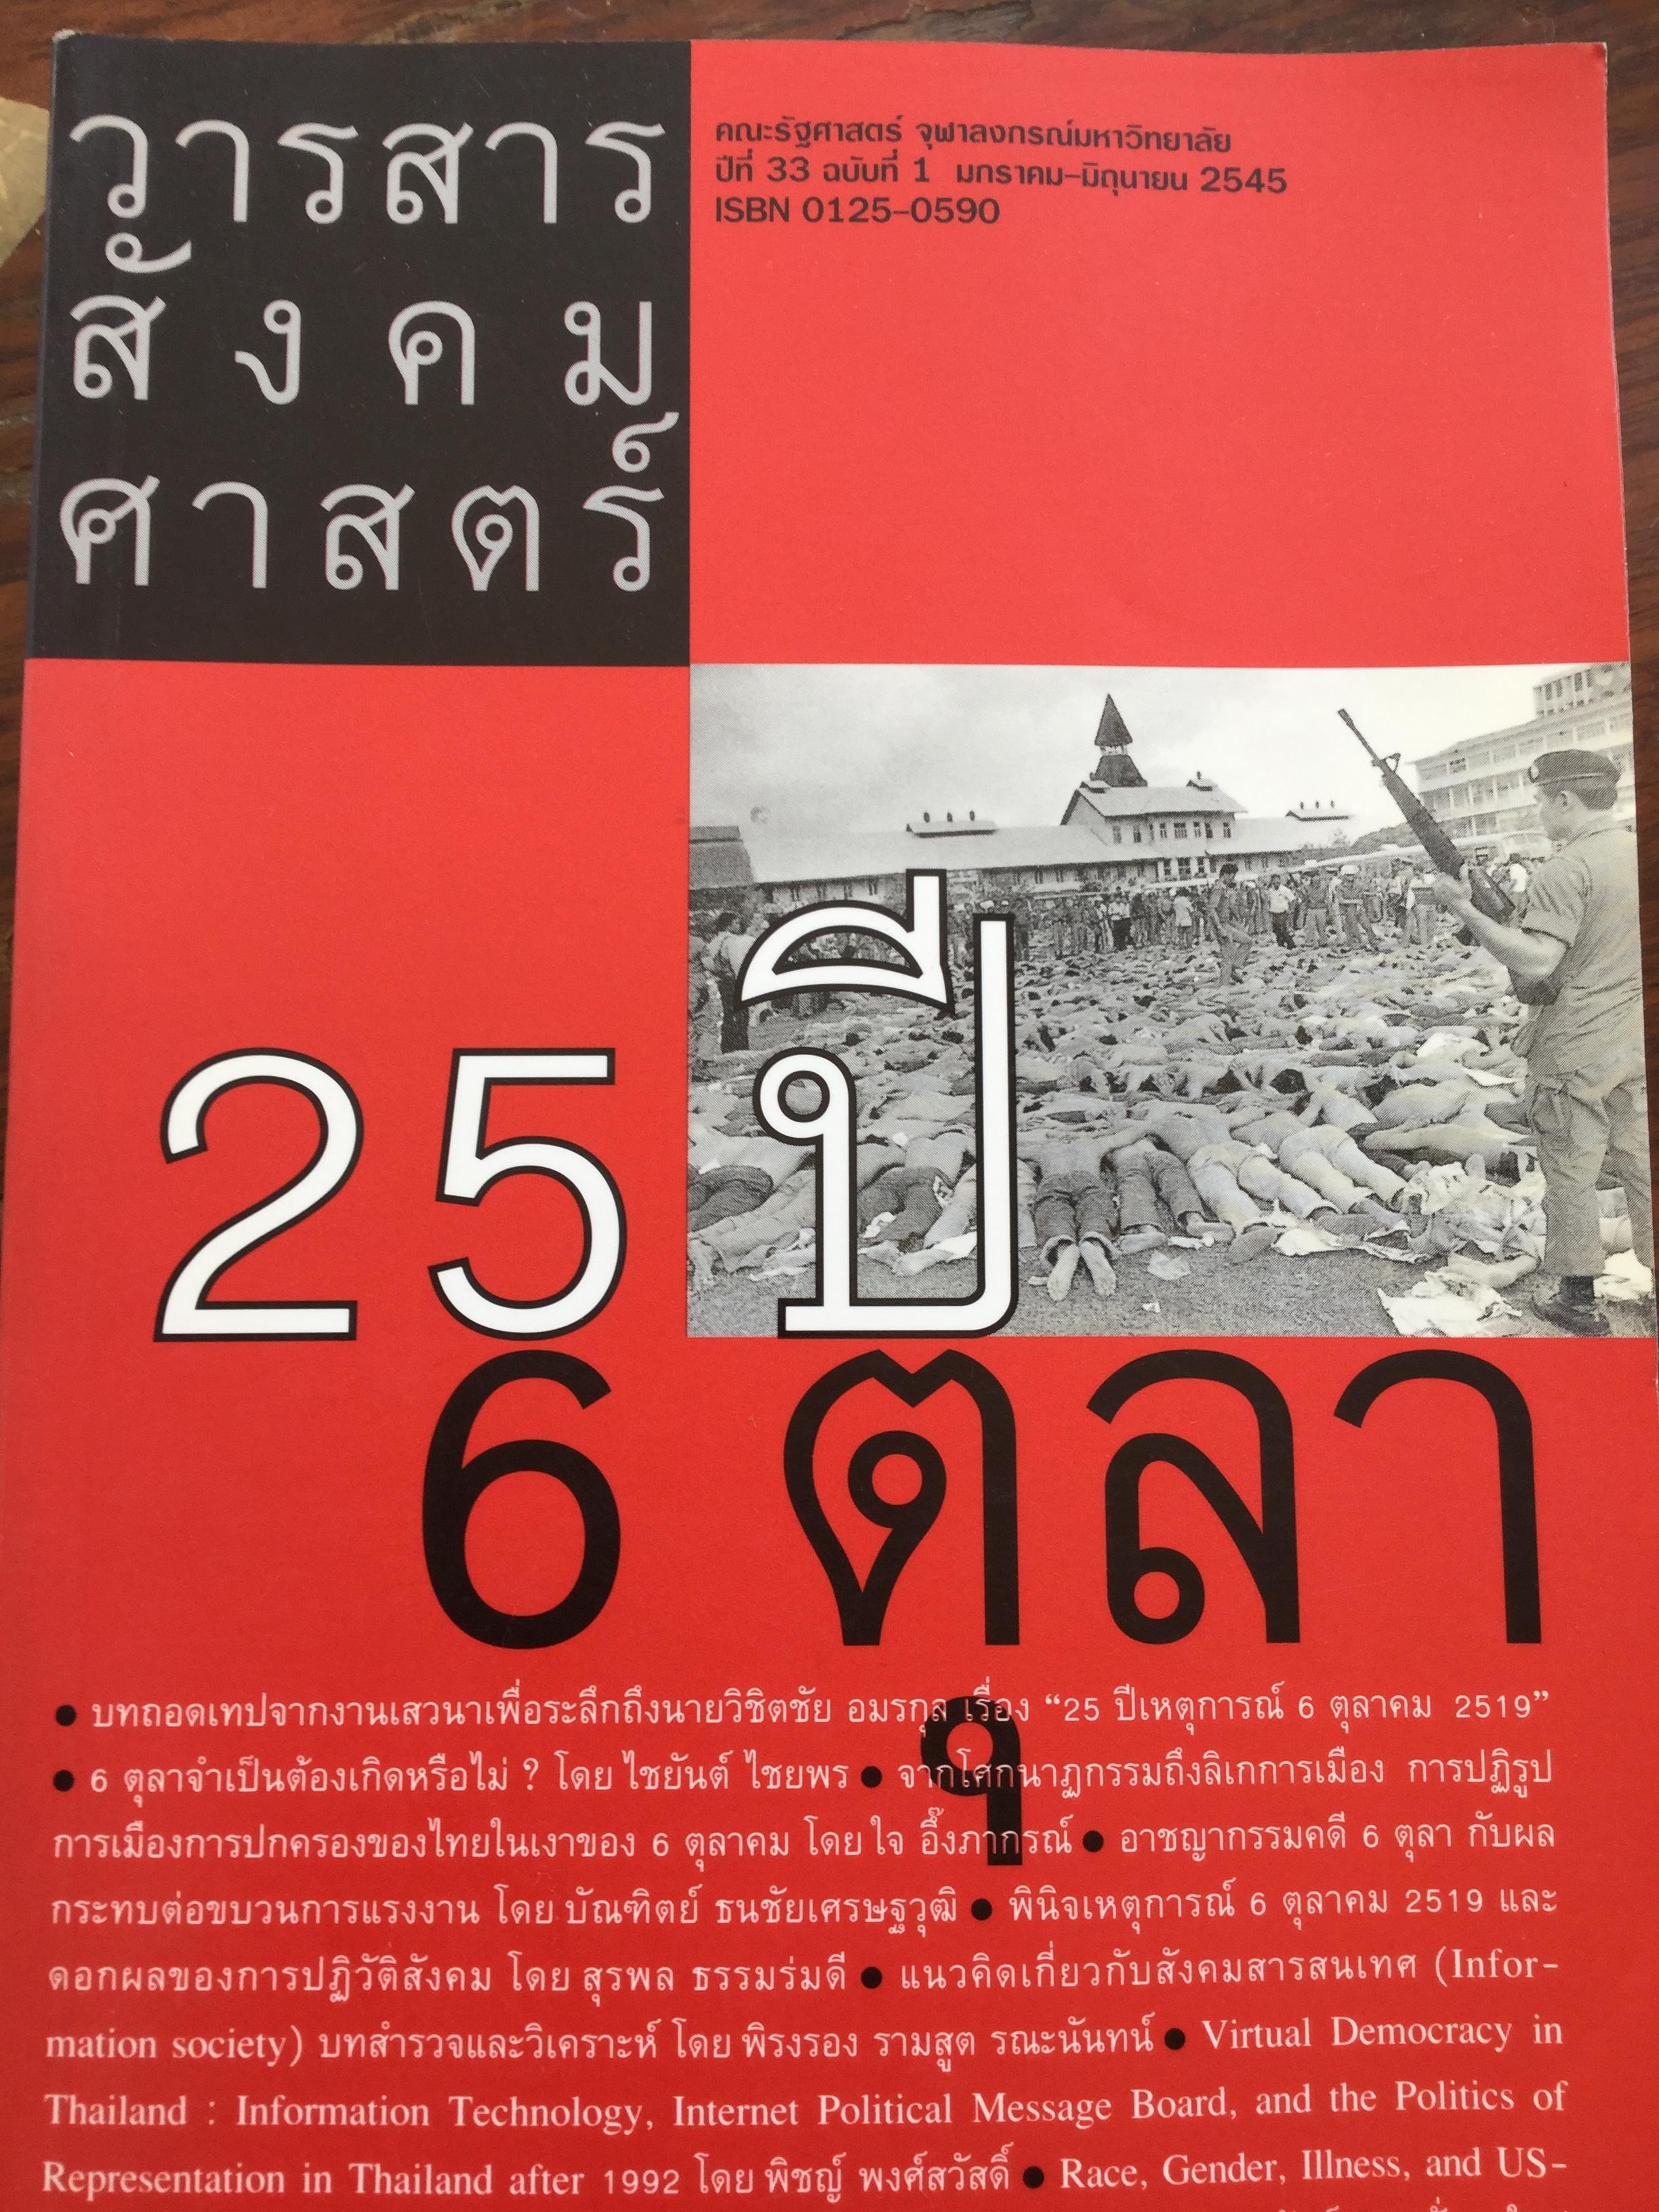 """25 ปี 6 ตุลา. บทถอดเทปจากงานเสวนาเพื่อระลึกถึงนายวิชิตชัย อมรกุล เรื่อง """"25 ปีเหตุการณ์ 6 ตุลาคม 2519"""""""